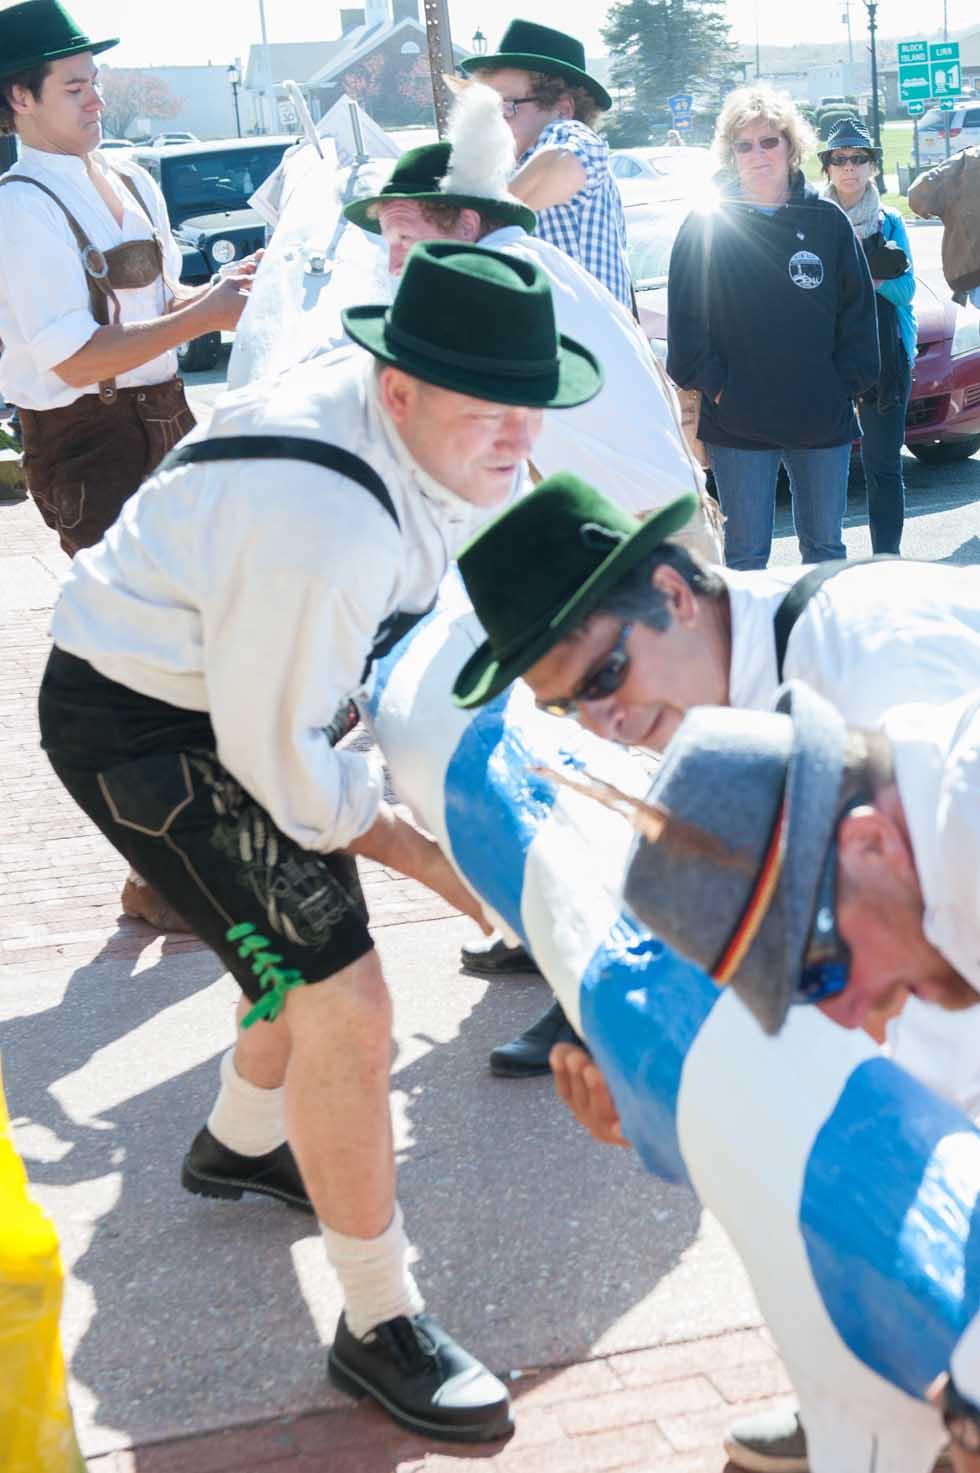 zum-schneider-montauk-2013-maifest-grand-opening-0579.jpg